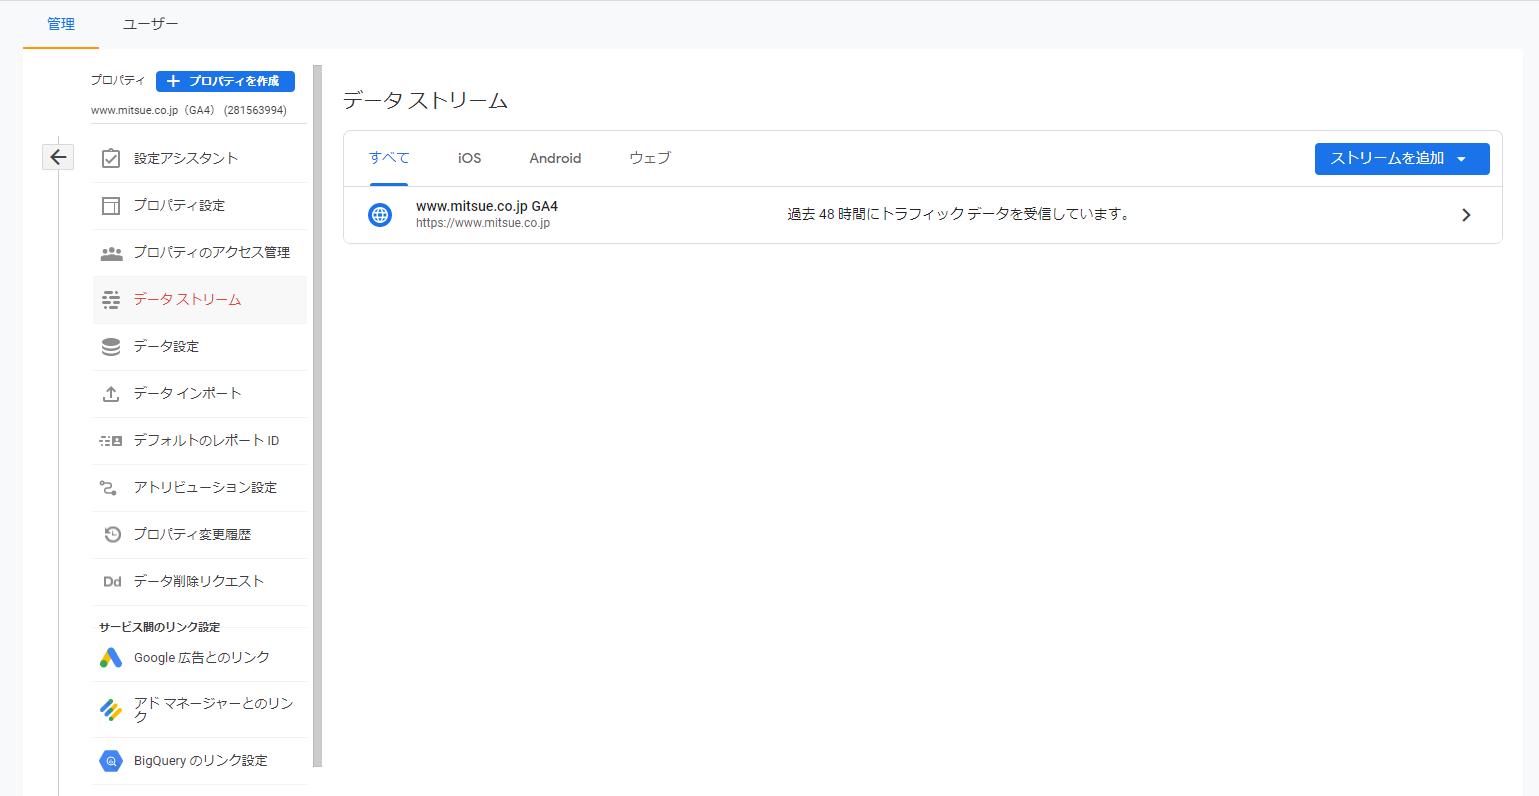 データストリーム画面